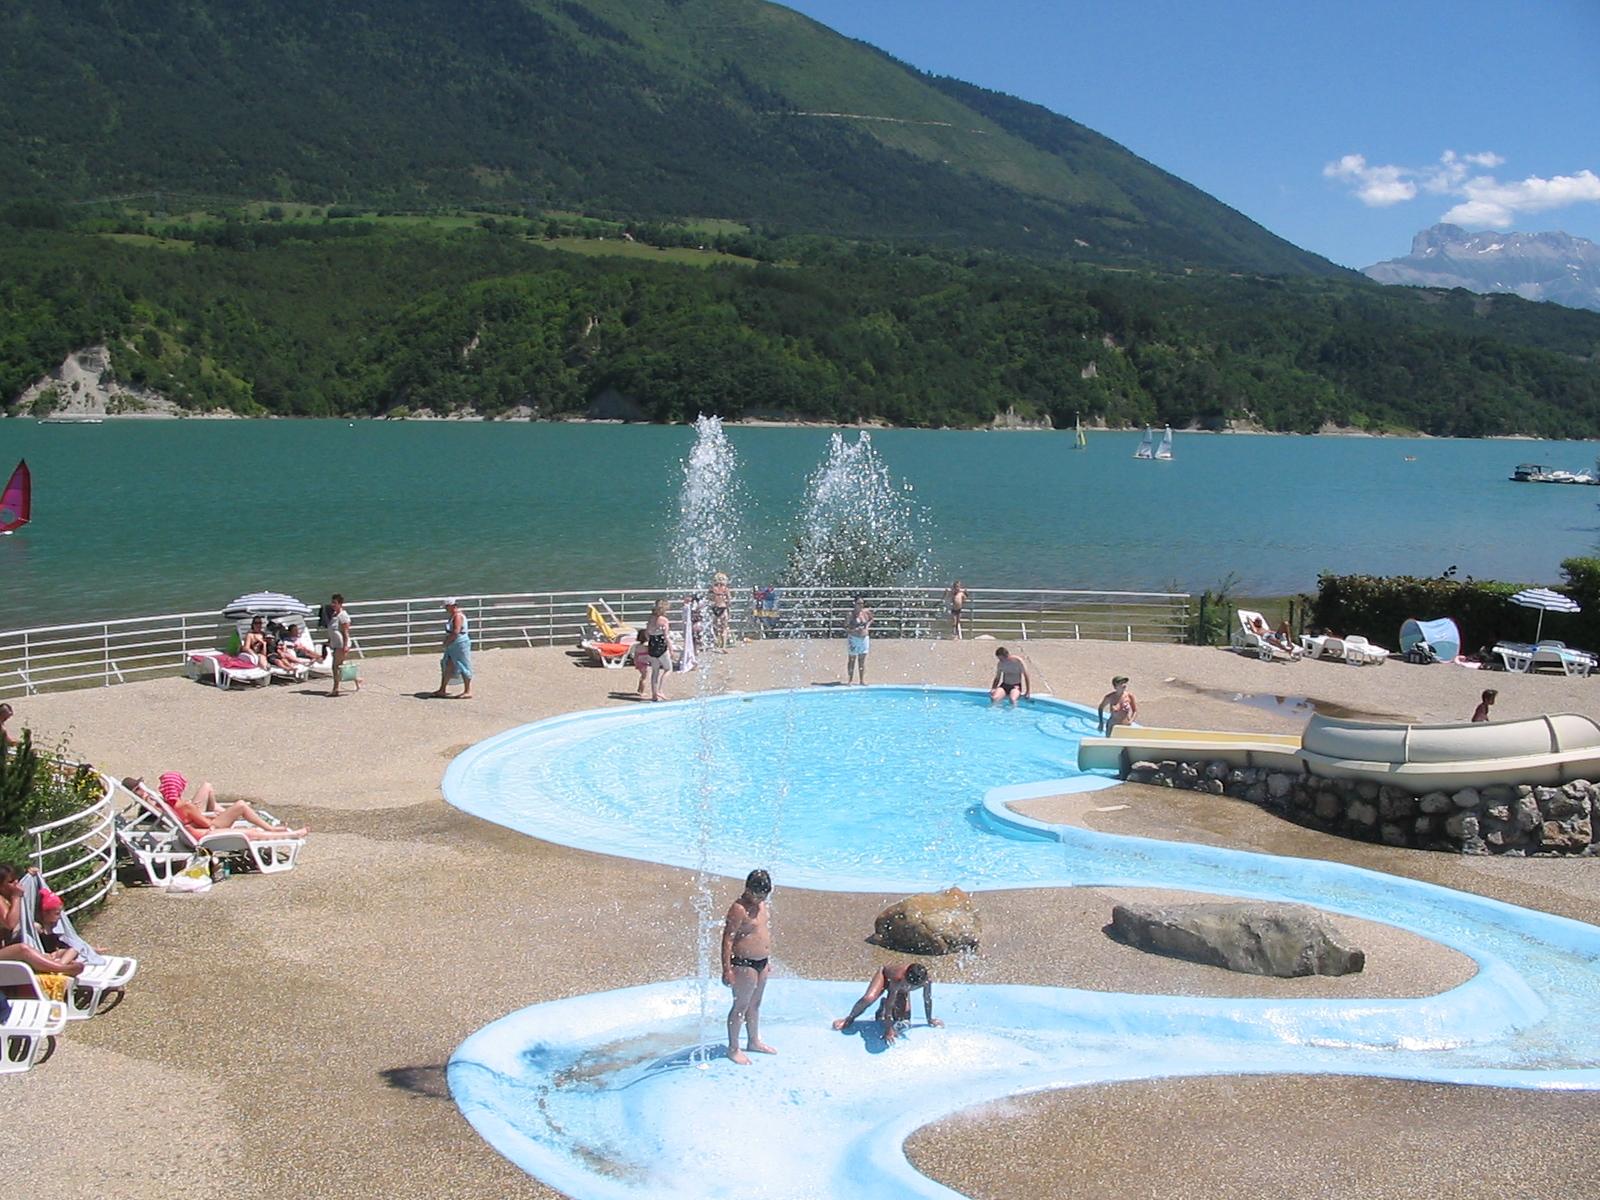 36152 jeux d eau lac de monteynard gerard julien 1